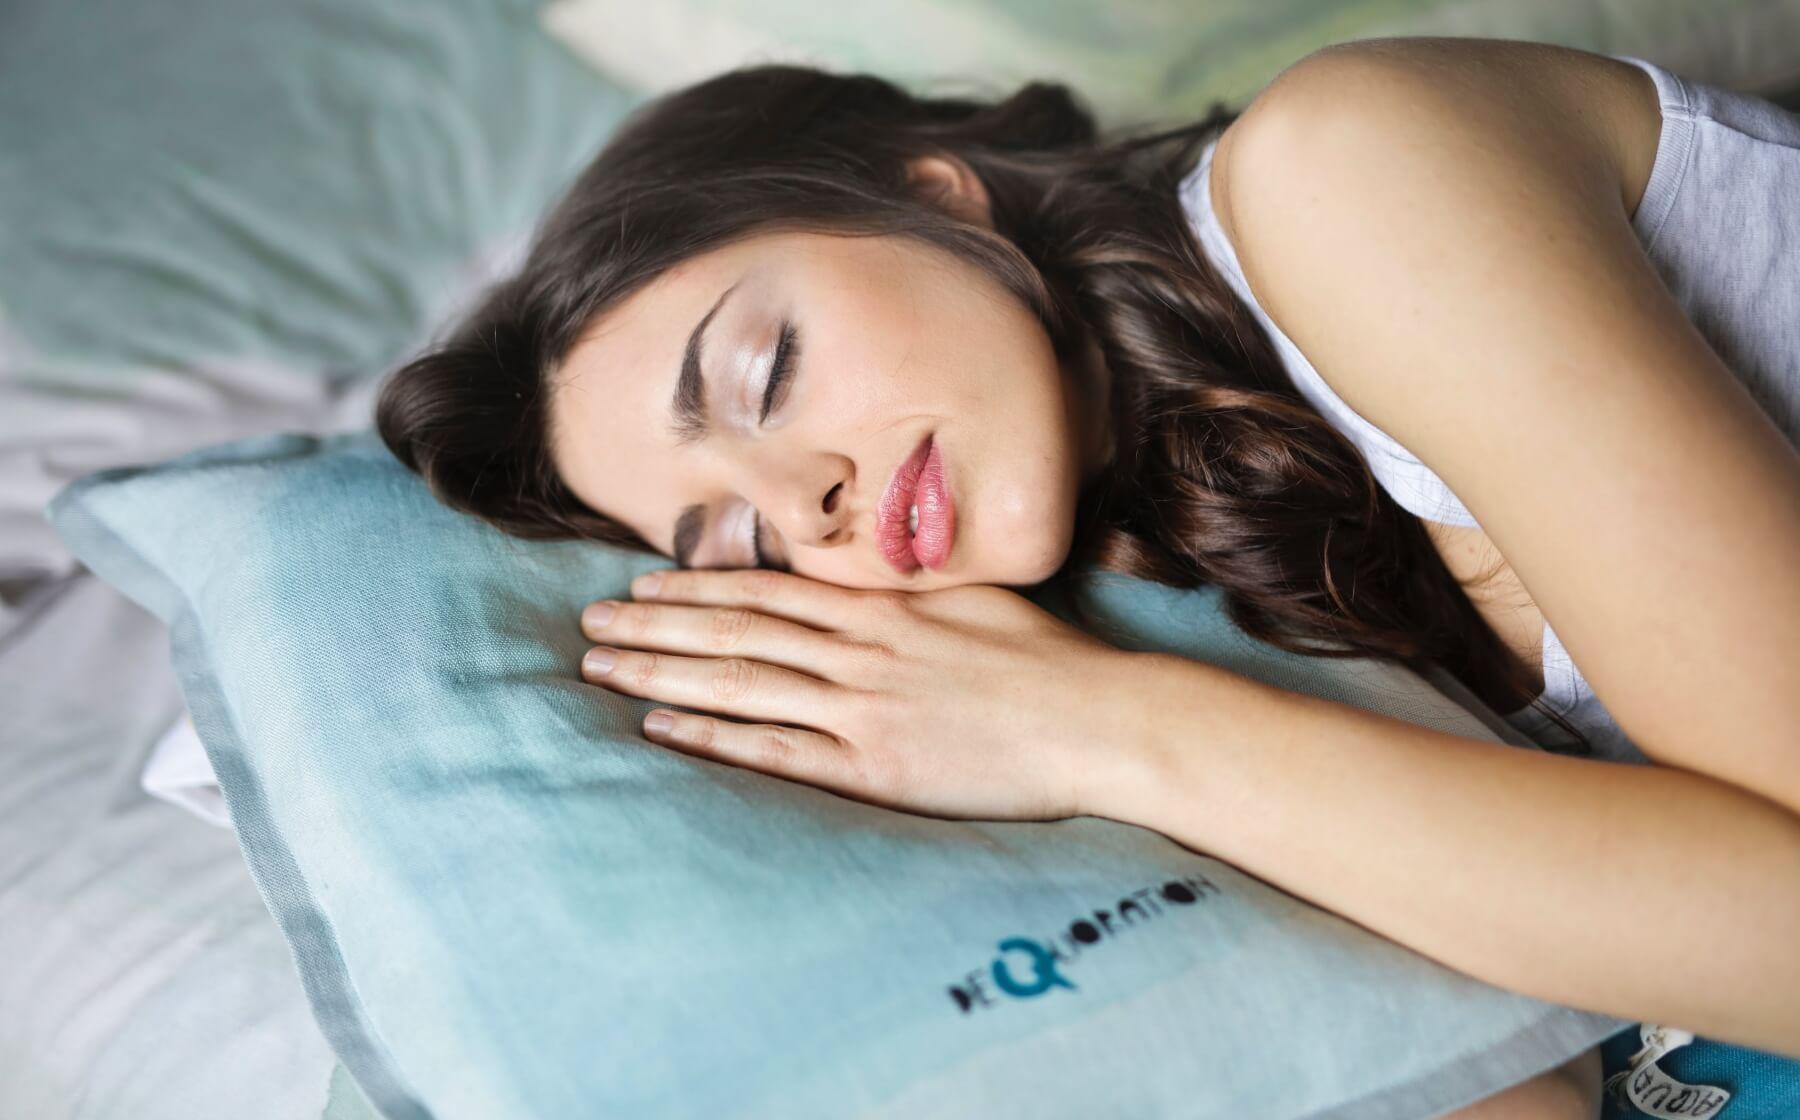 8 bin lira karşılığında her gün 9 saat uyuyacak kişiler aranıyor.